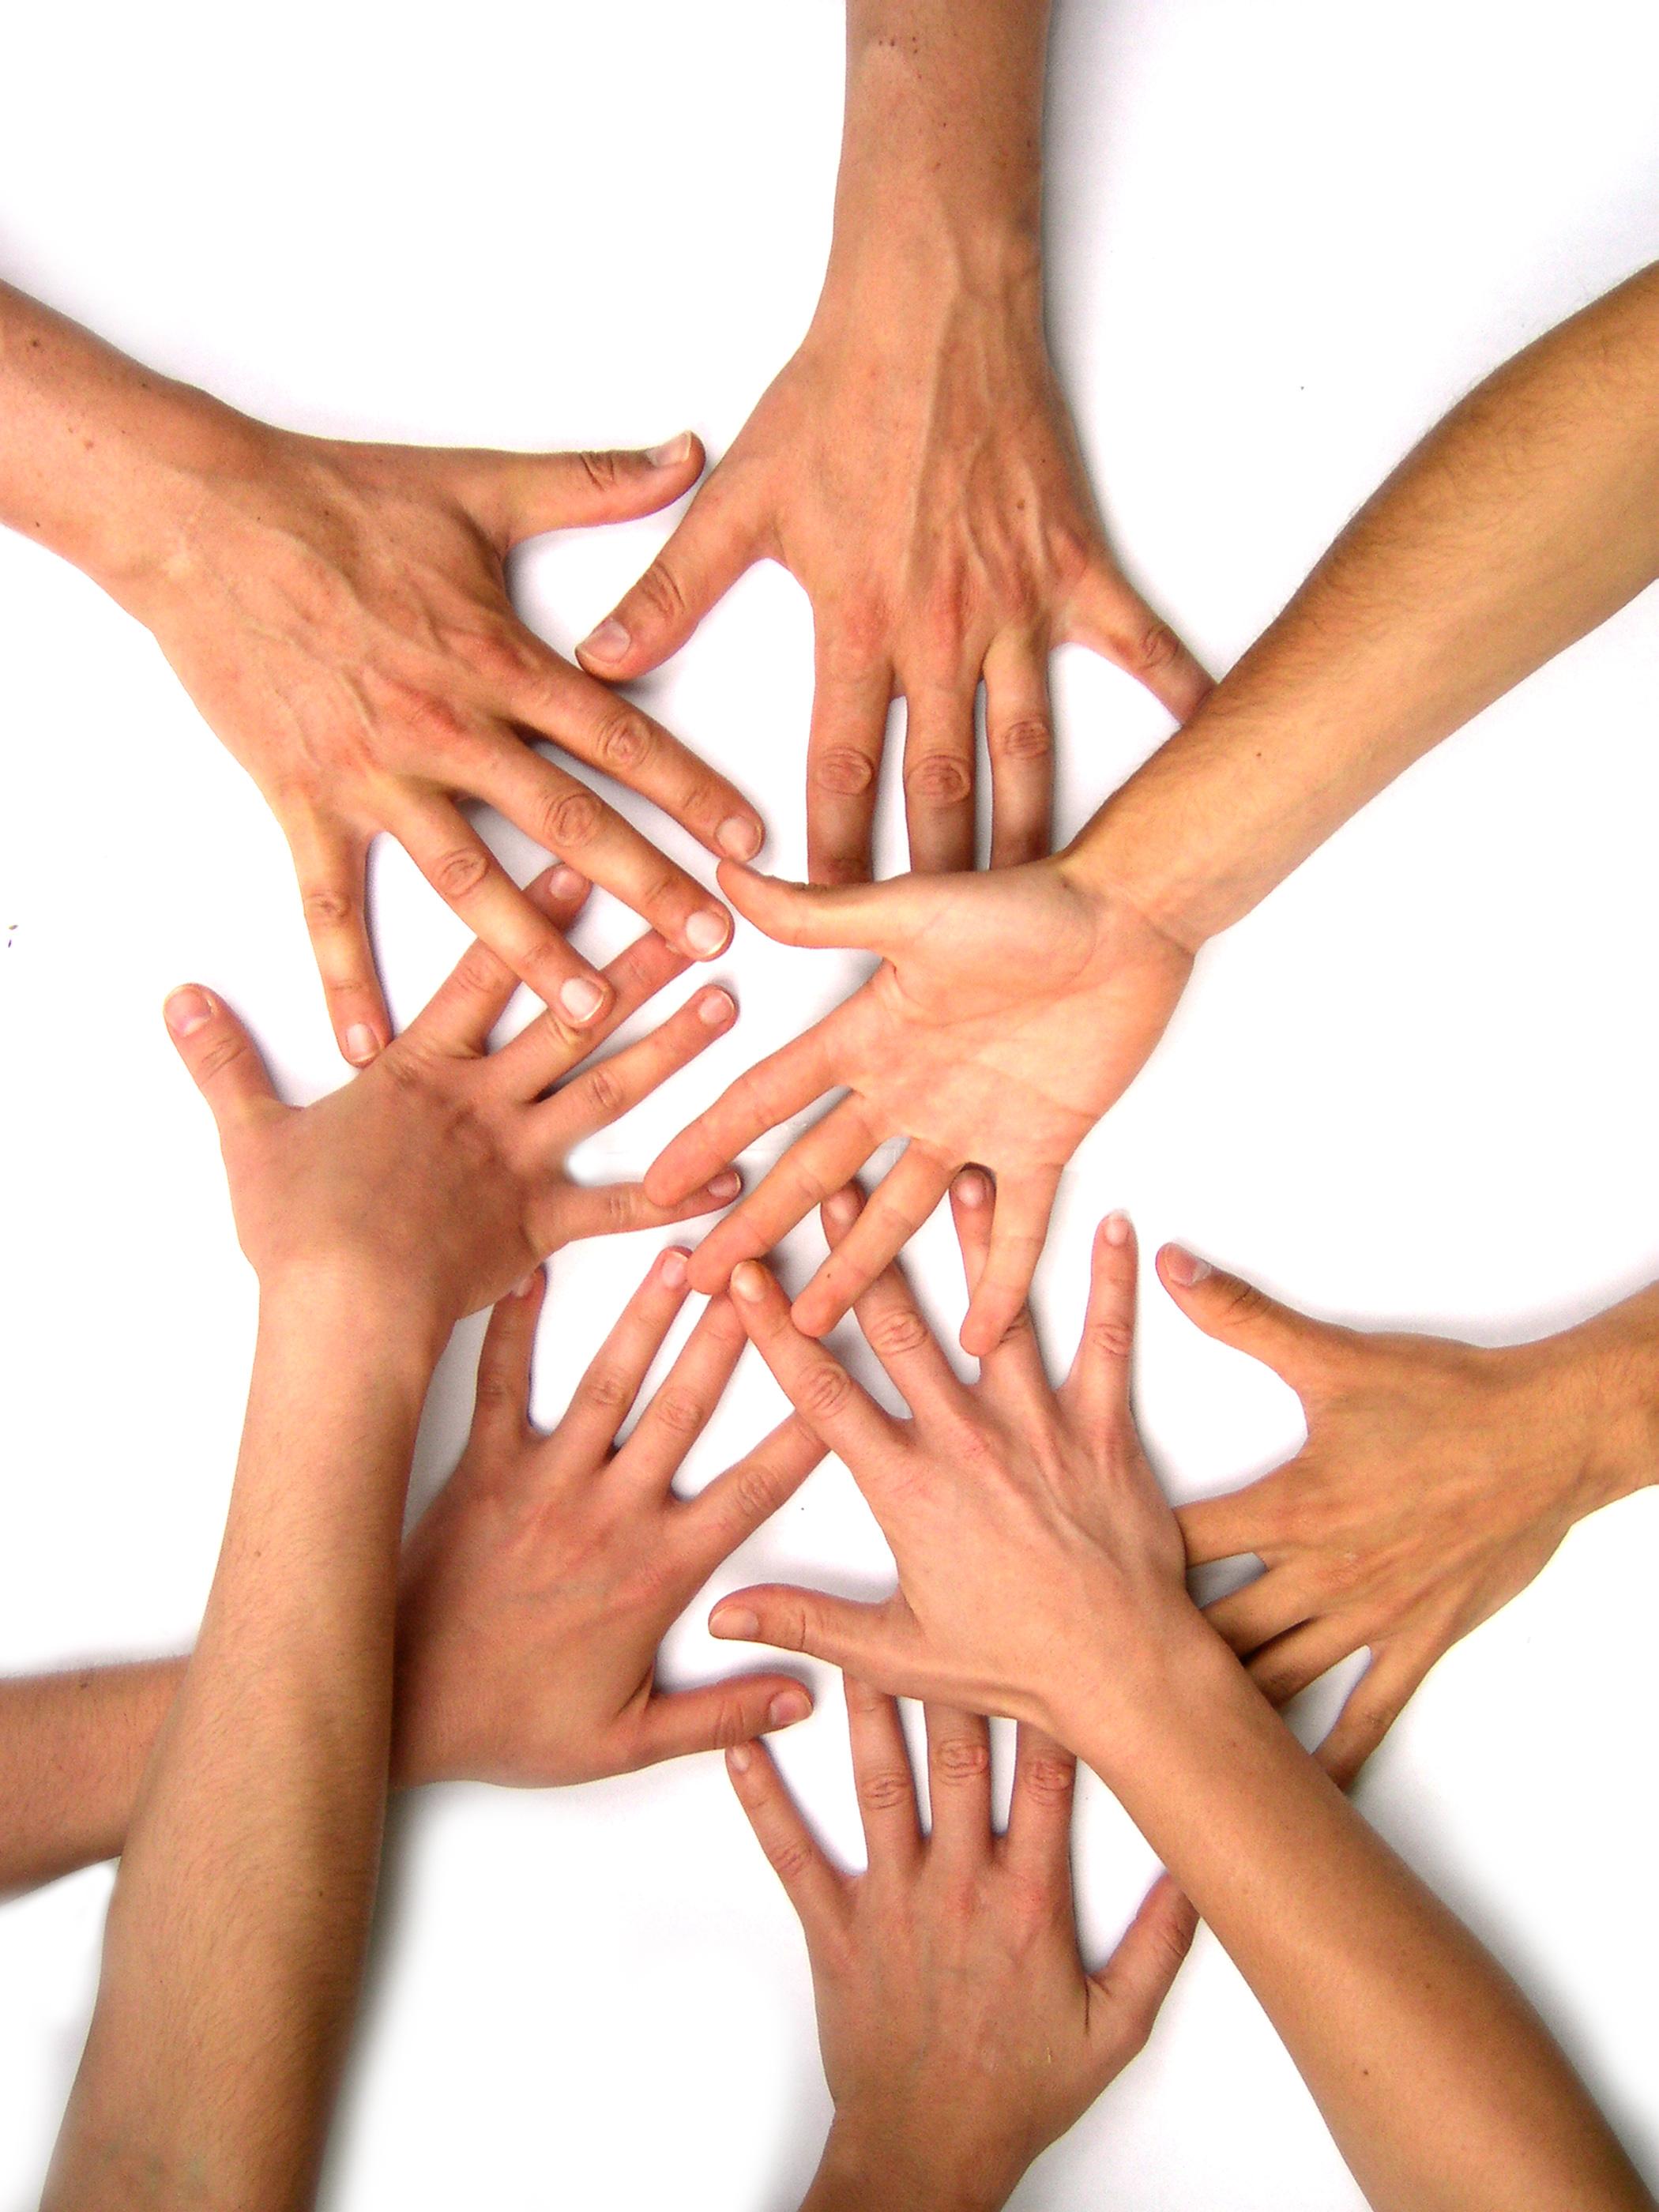 hands-1314166.jpg